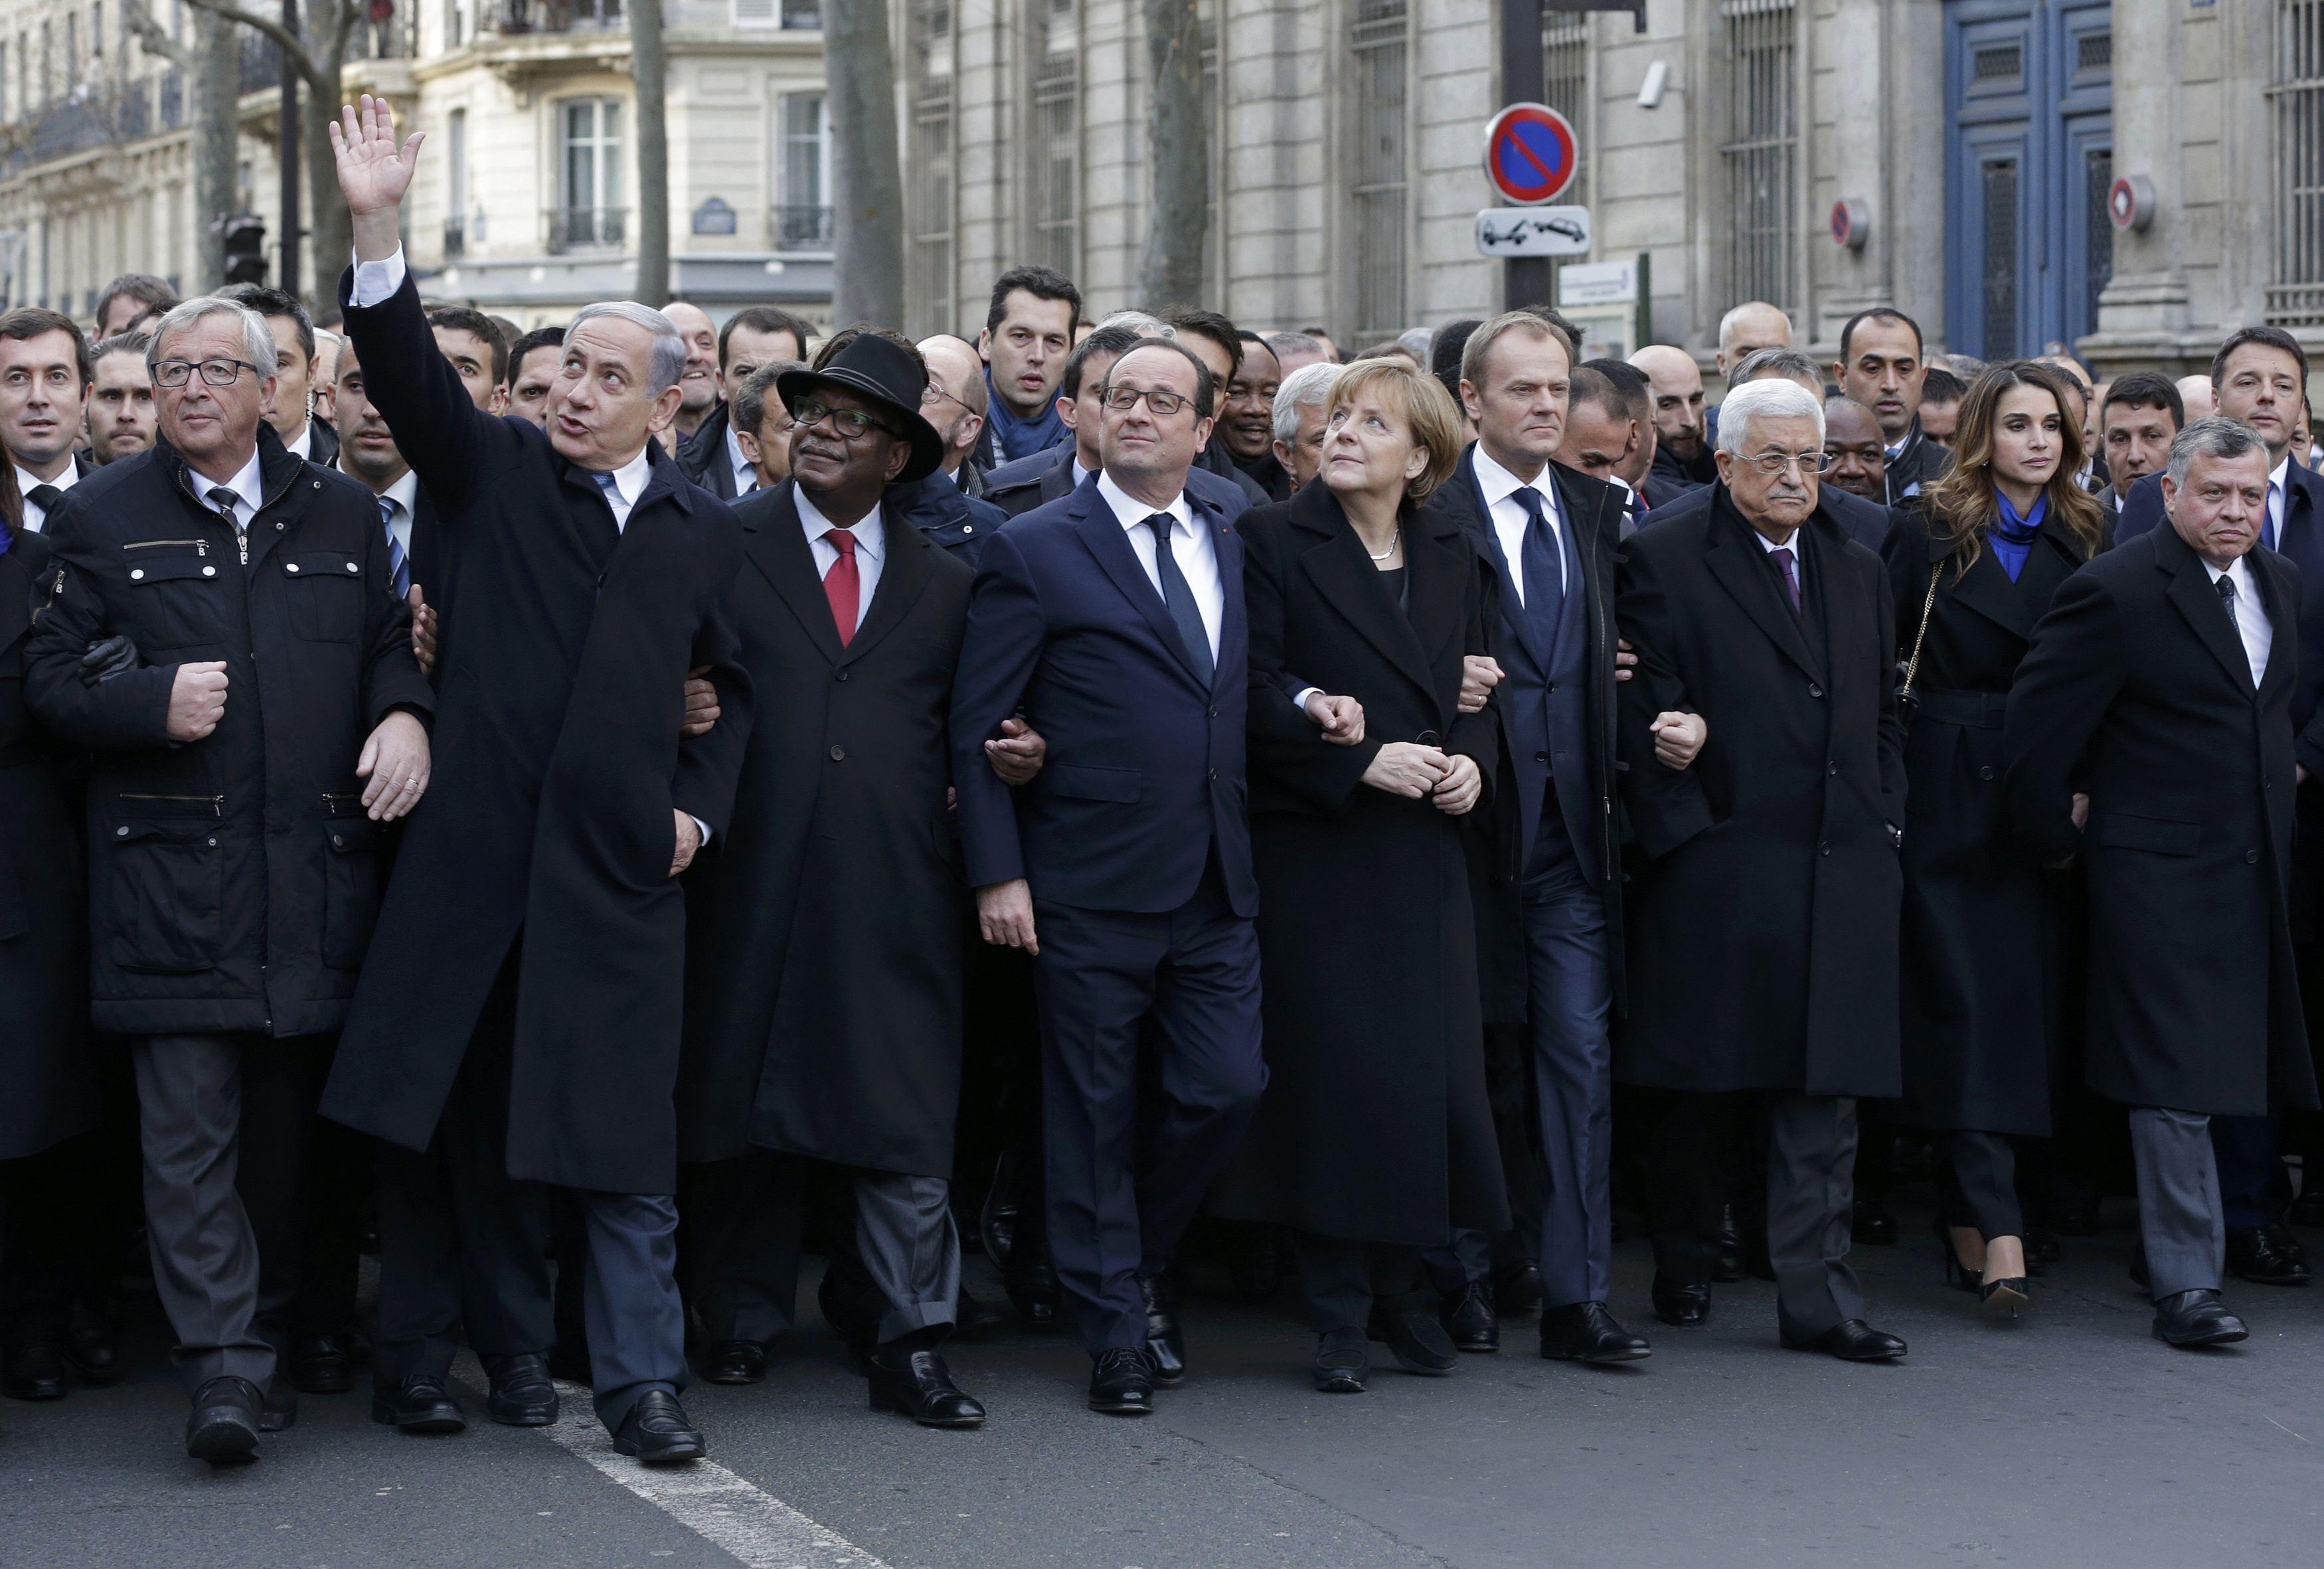 El presidente de Francia Francoise Hollande encabezó la marcha junto a los principales líderes de Europa.